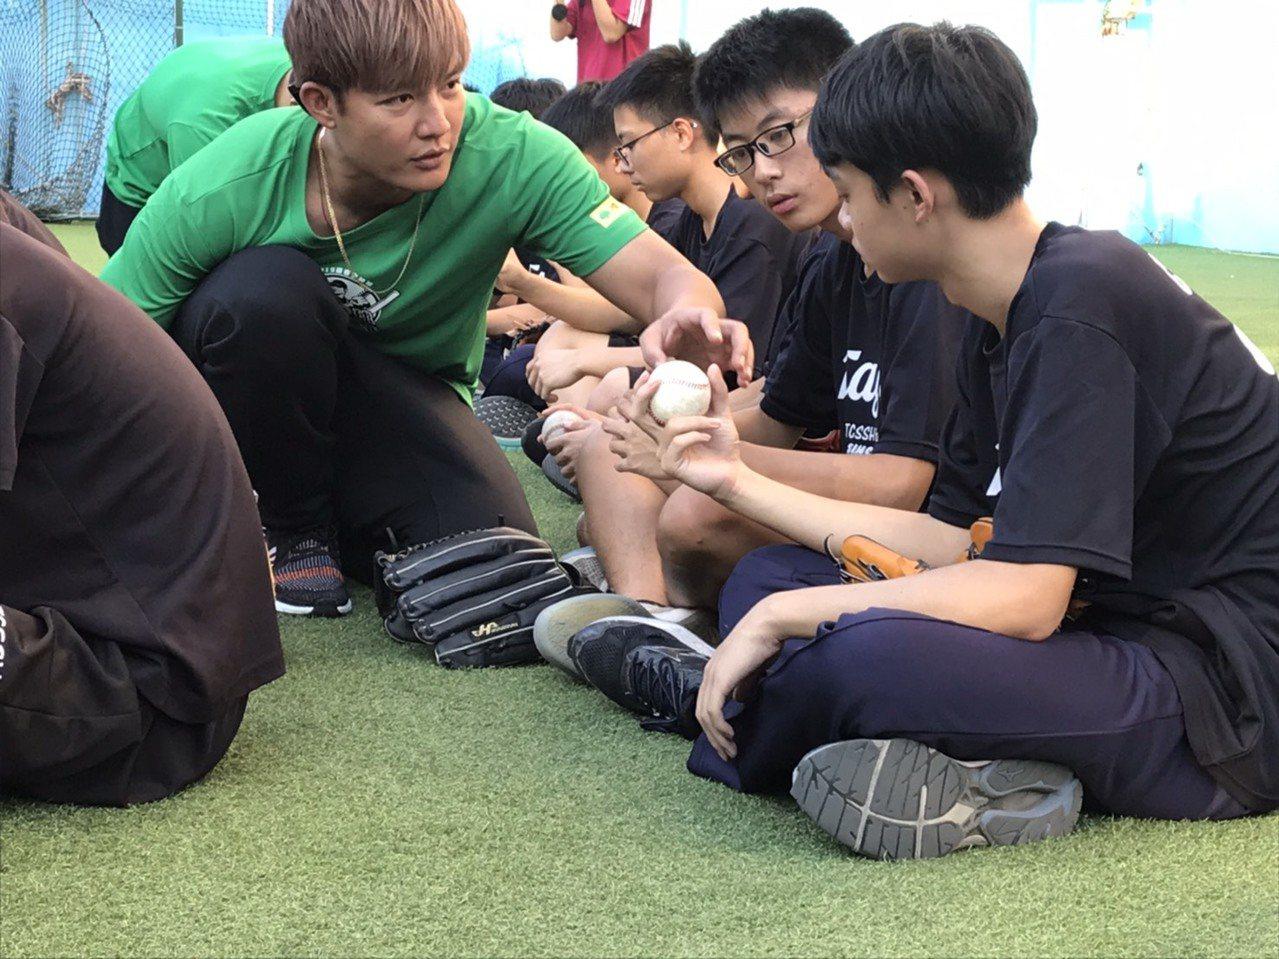 王維中在棒球教室細心指導球員握球方式。圖/國泰金控提供